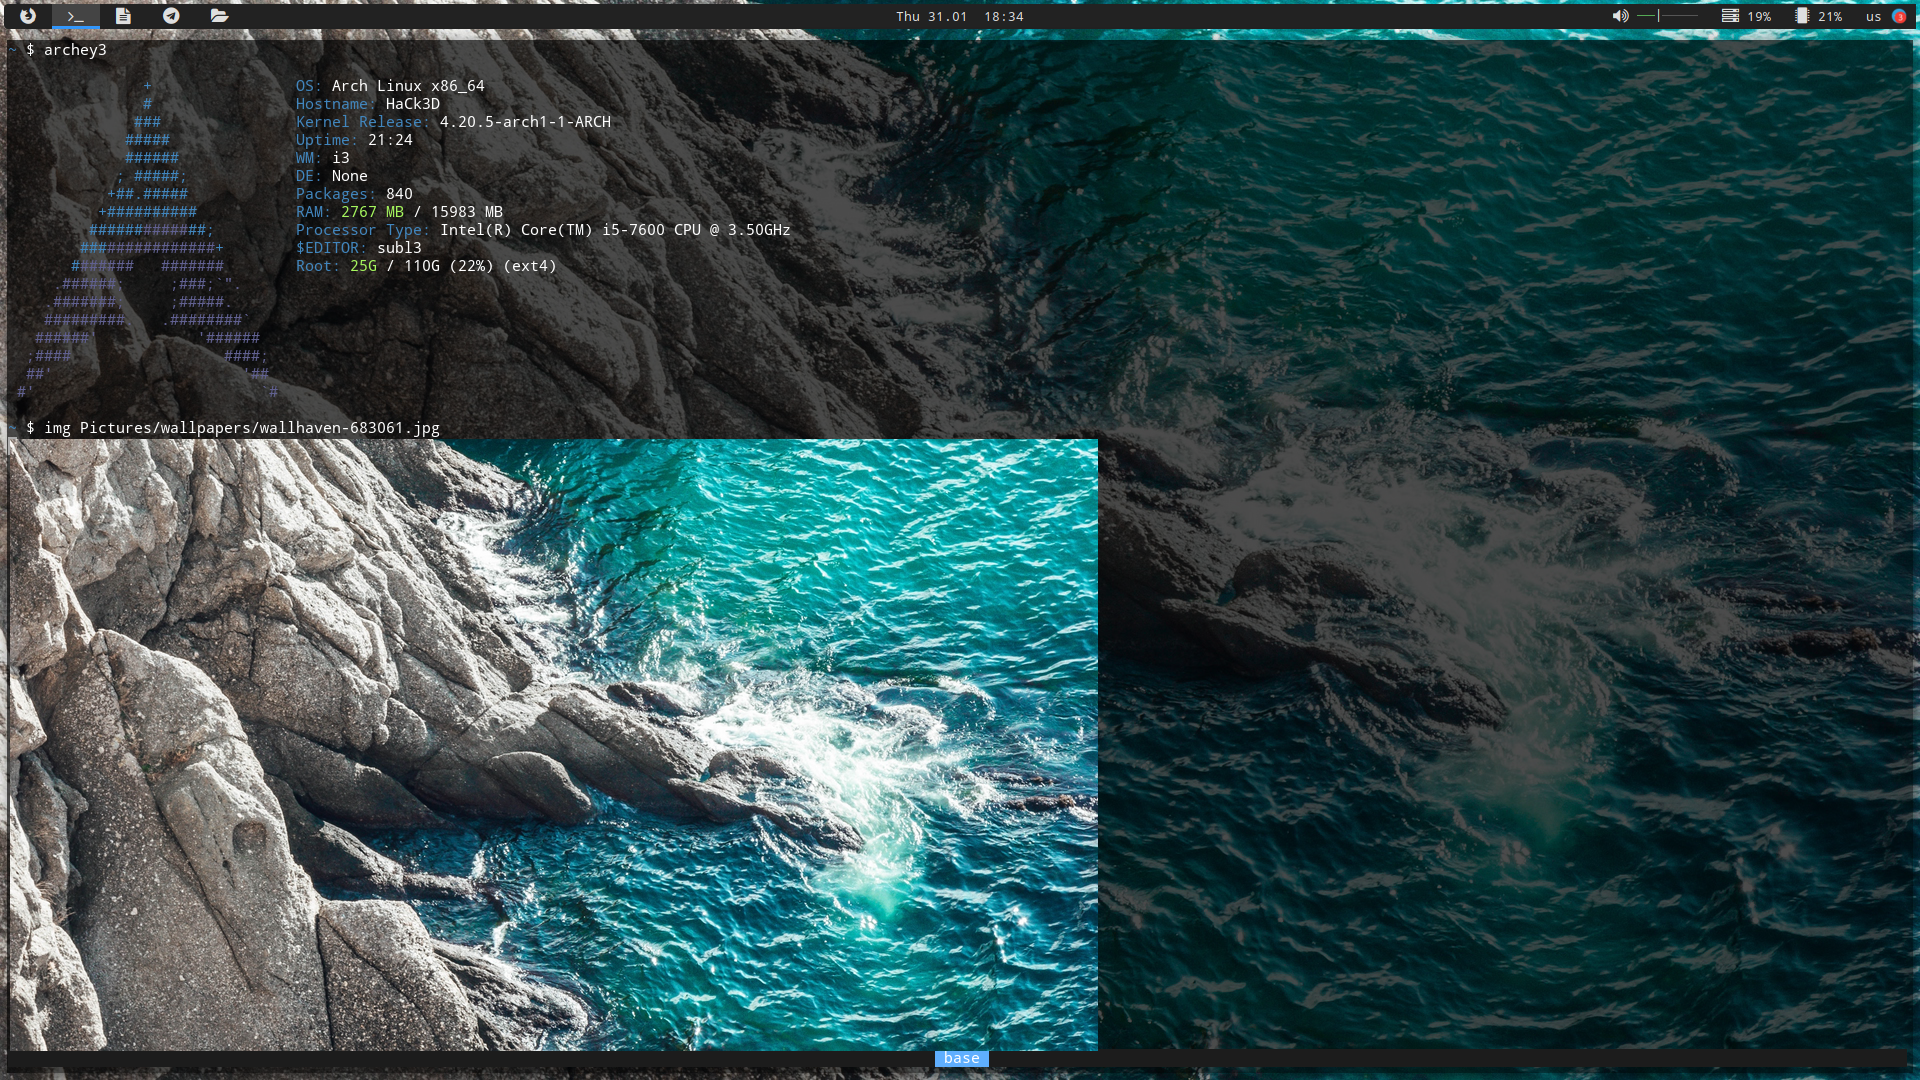 Вьюер пикч в терминале — Скриншоты — Галерея